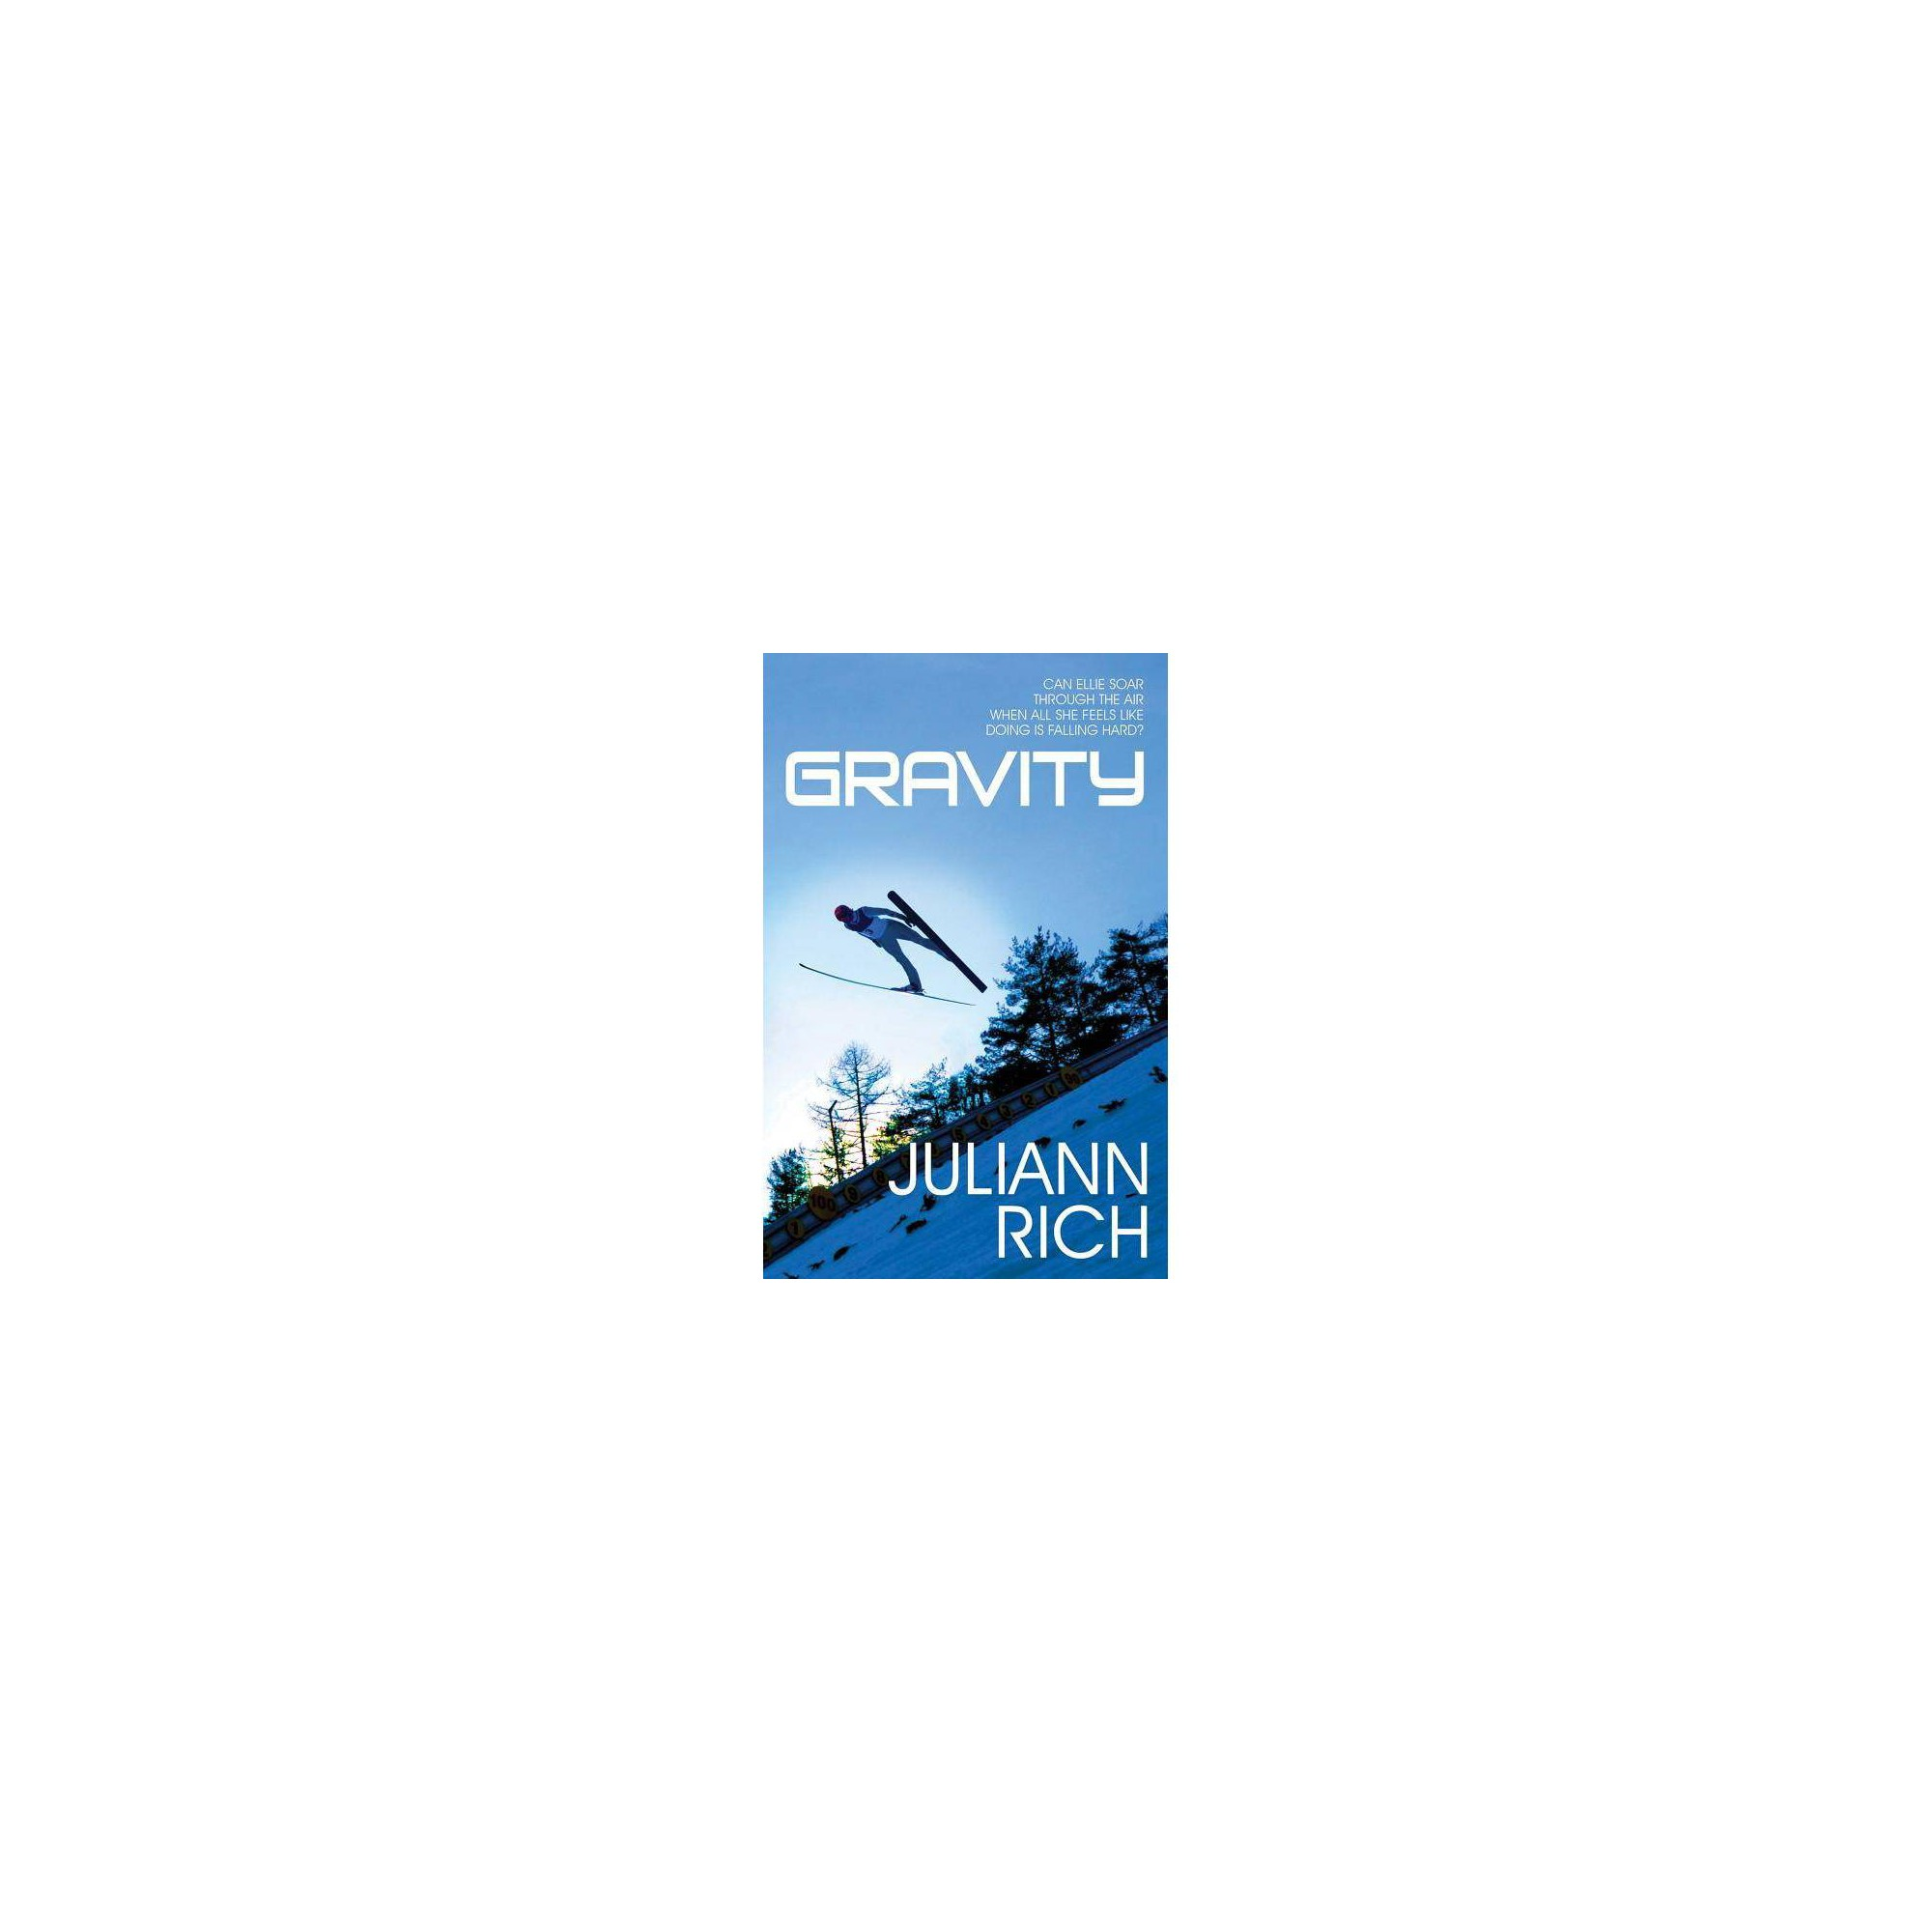 Gravity - by Juliann Rich (Paperback)